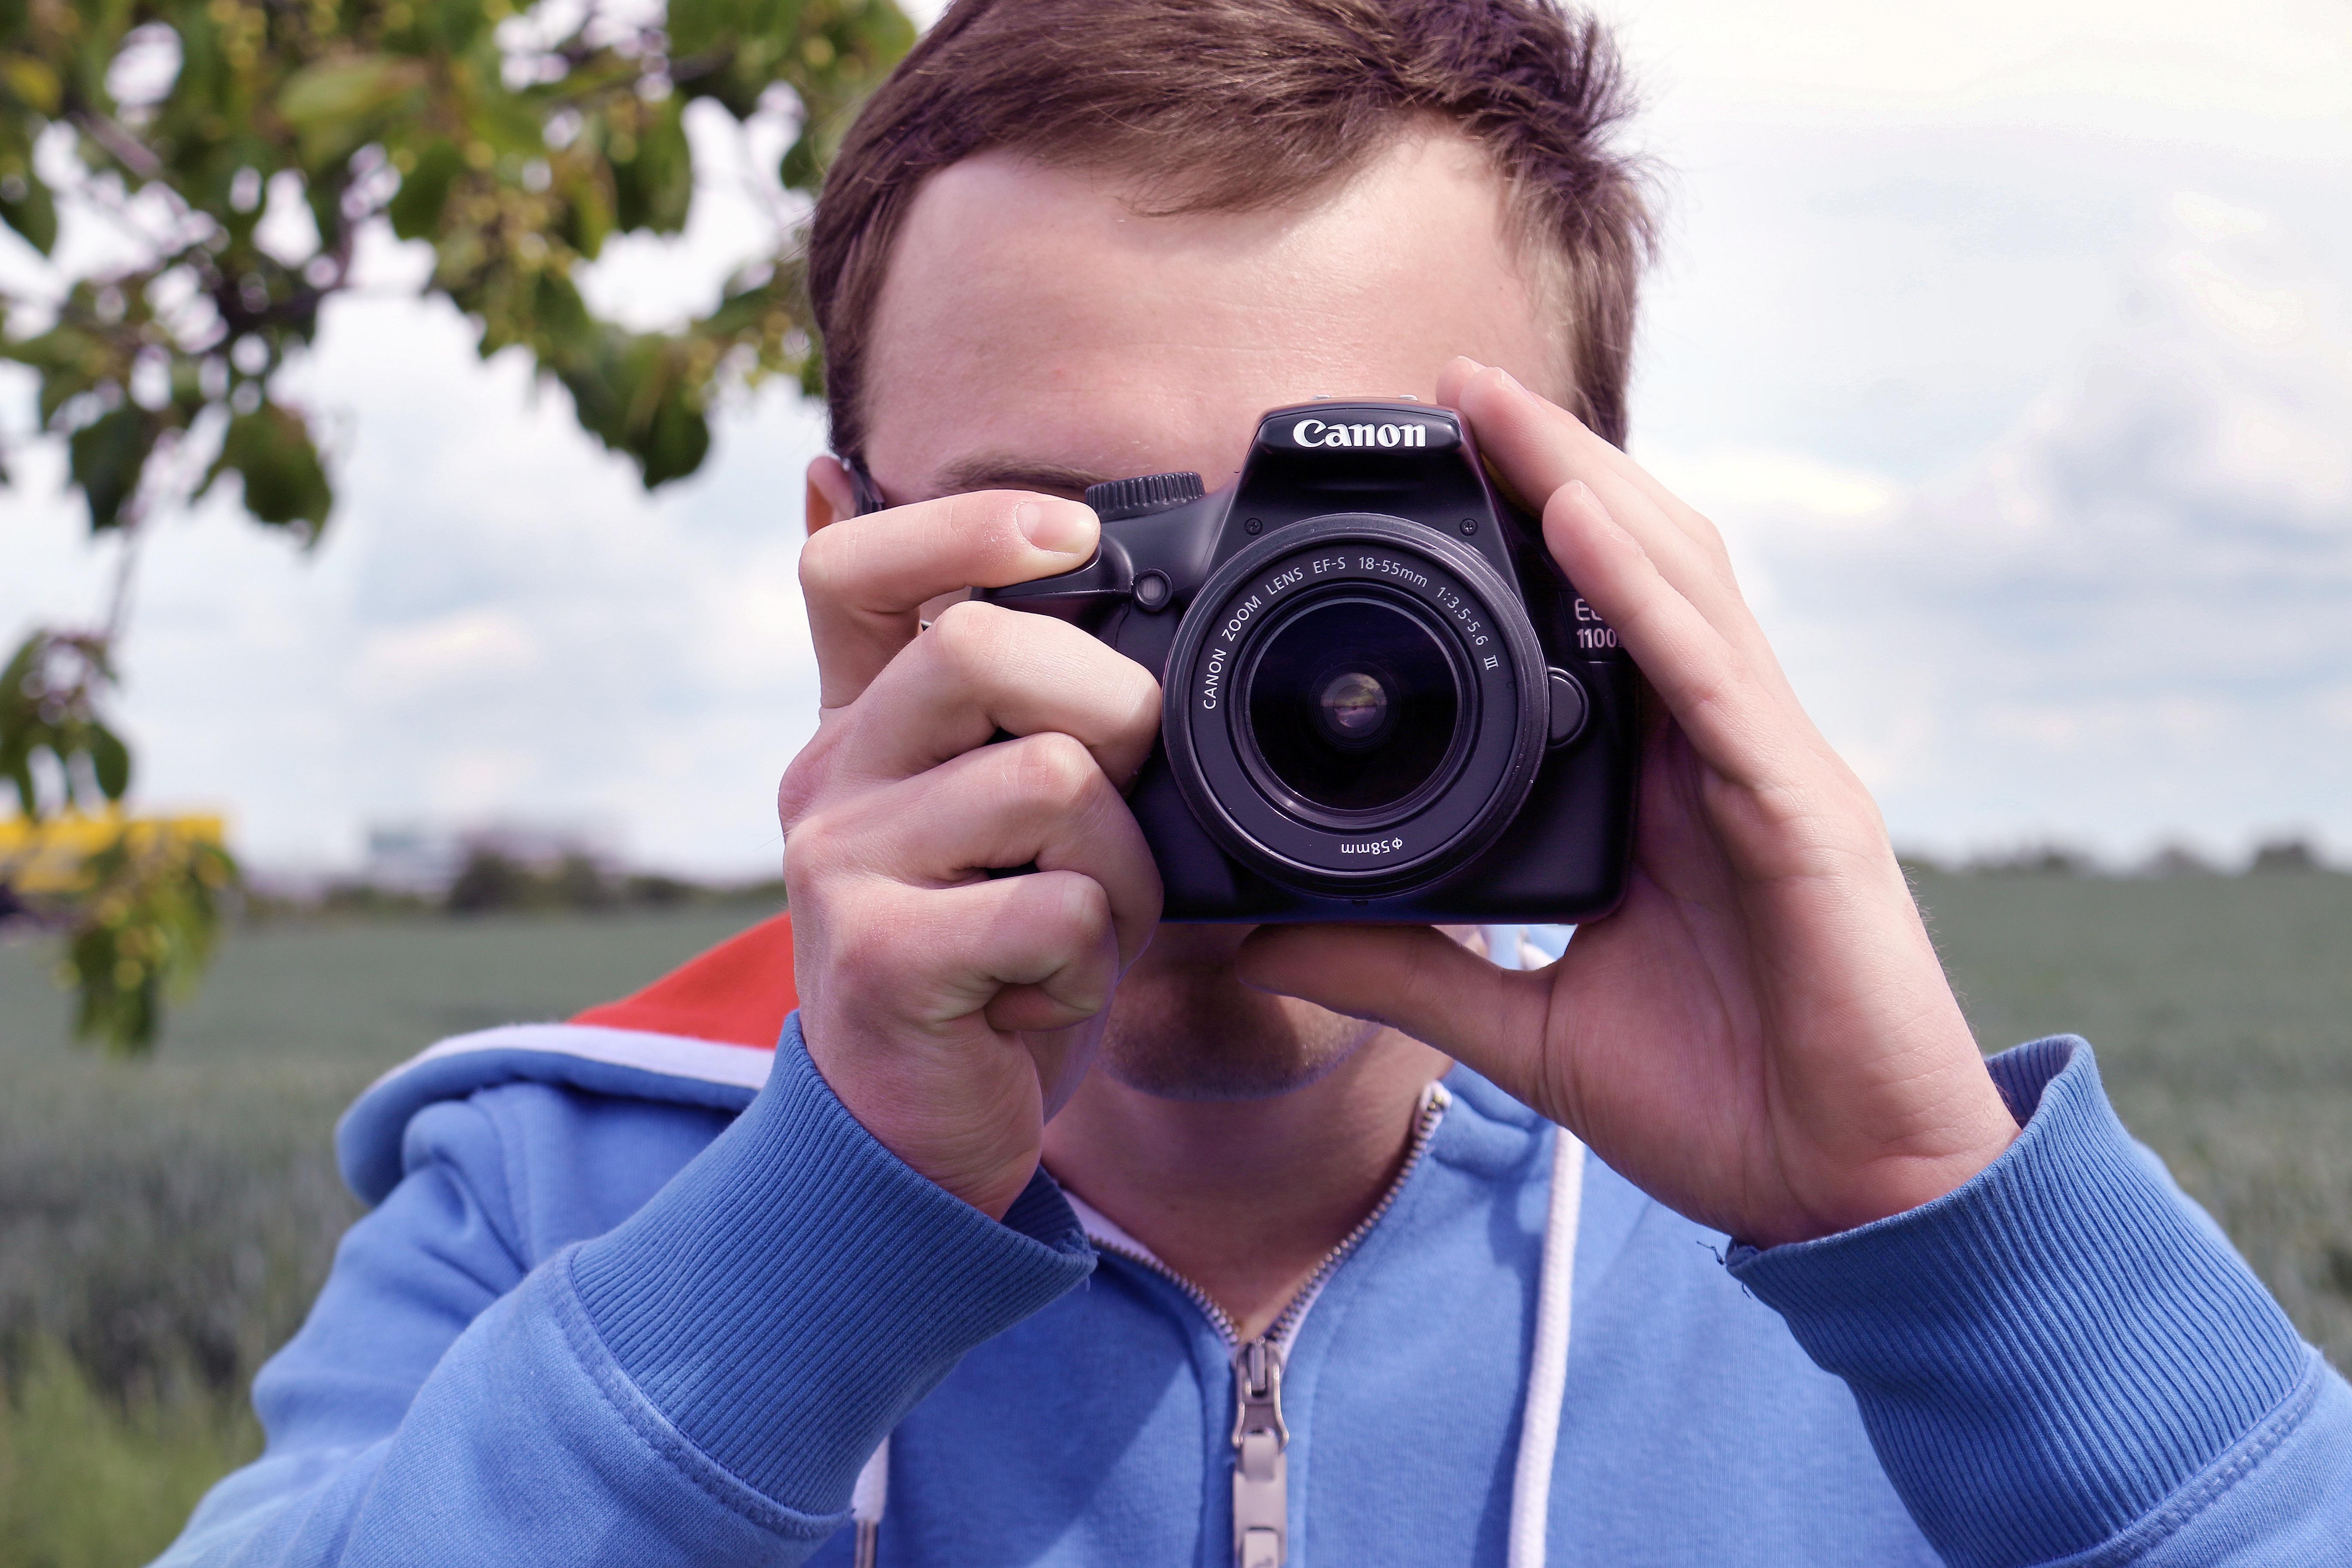 место заняла какой нужен фотоаппарат для хороших фото можно восстановить силы